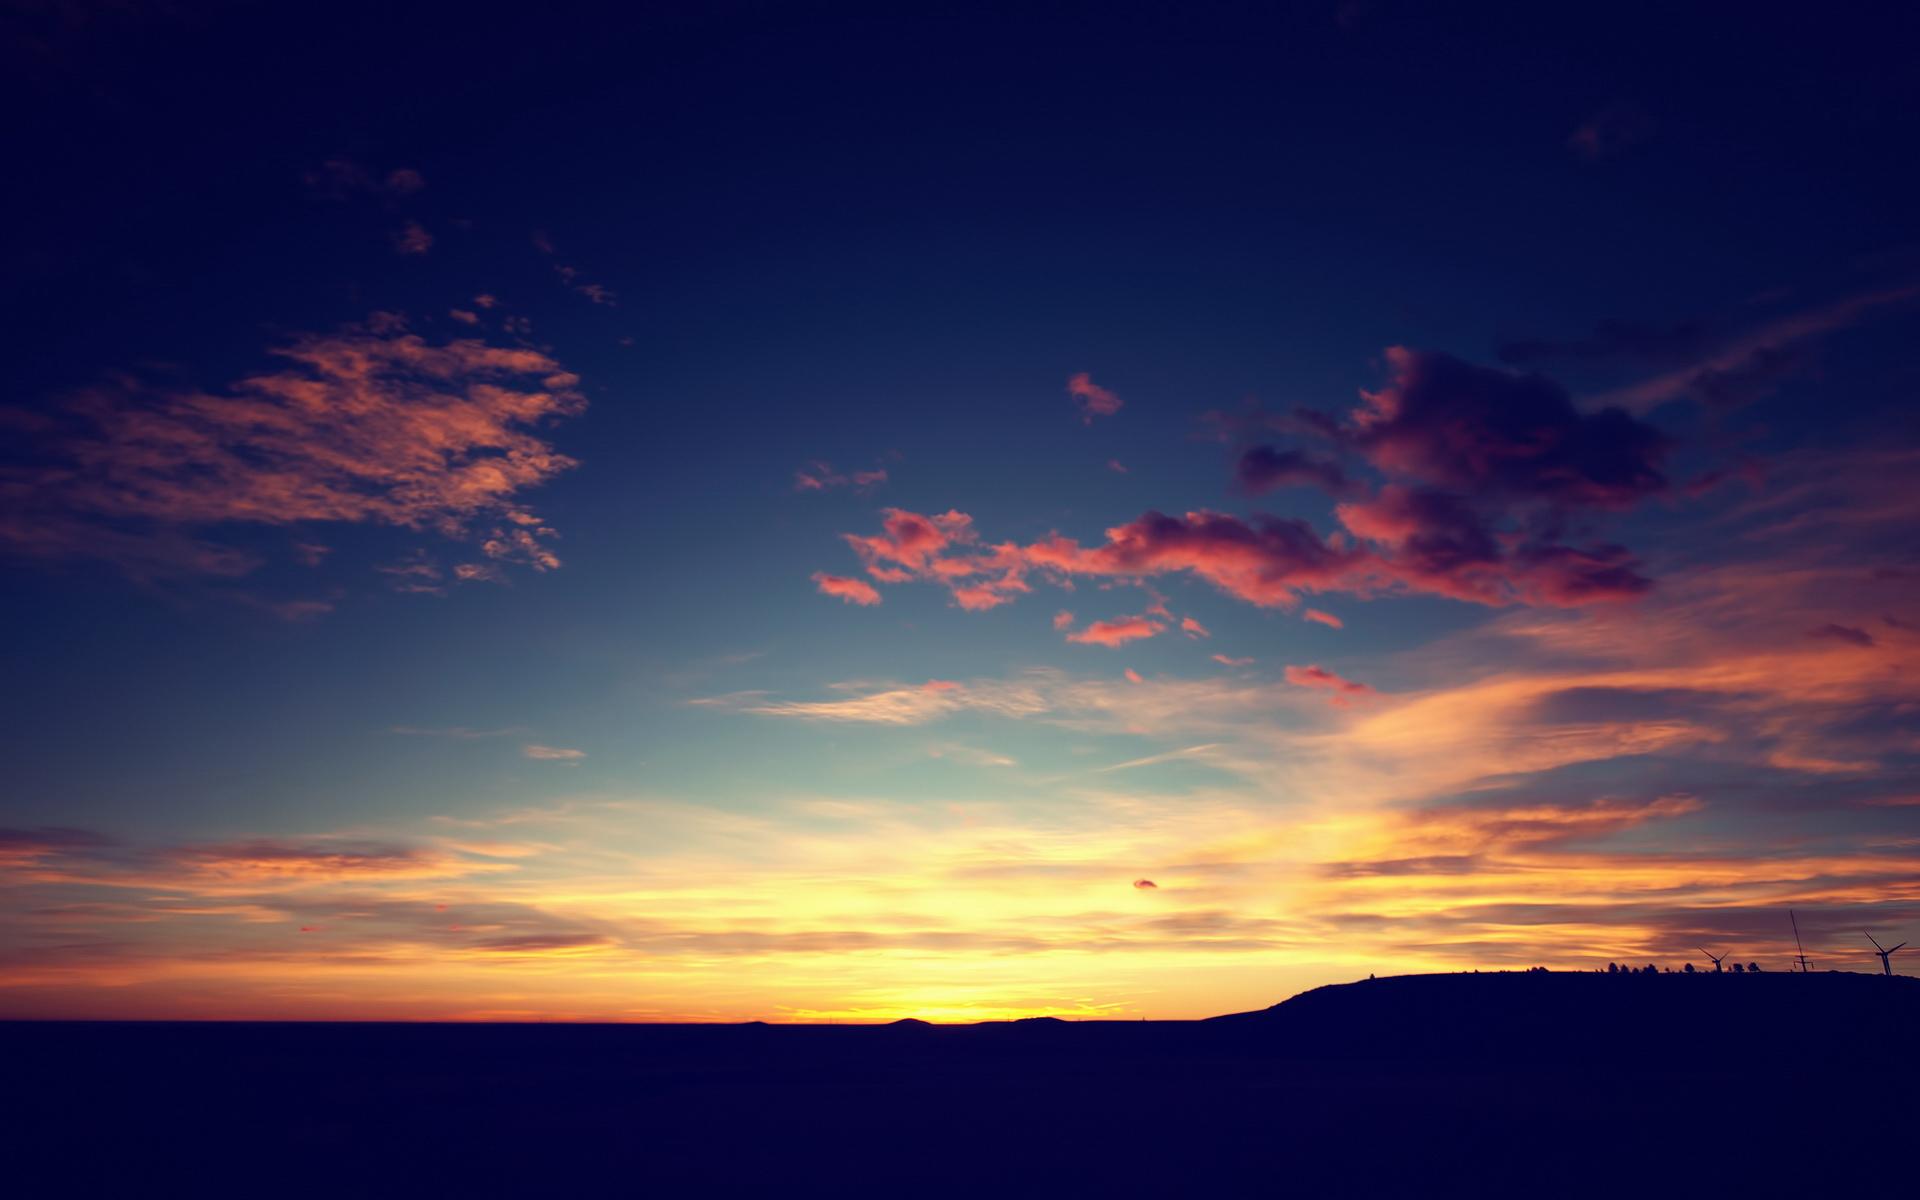 lomo wallpaper sunset